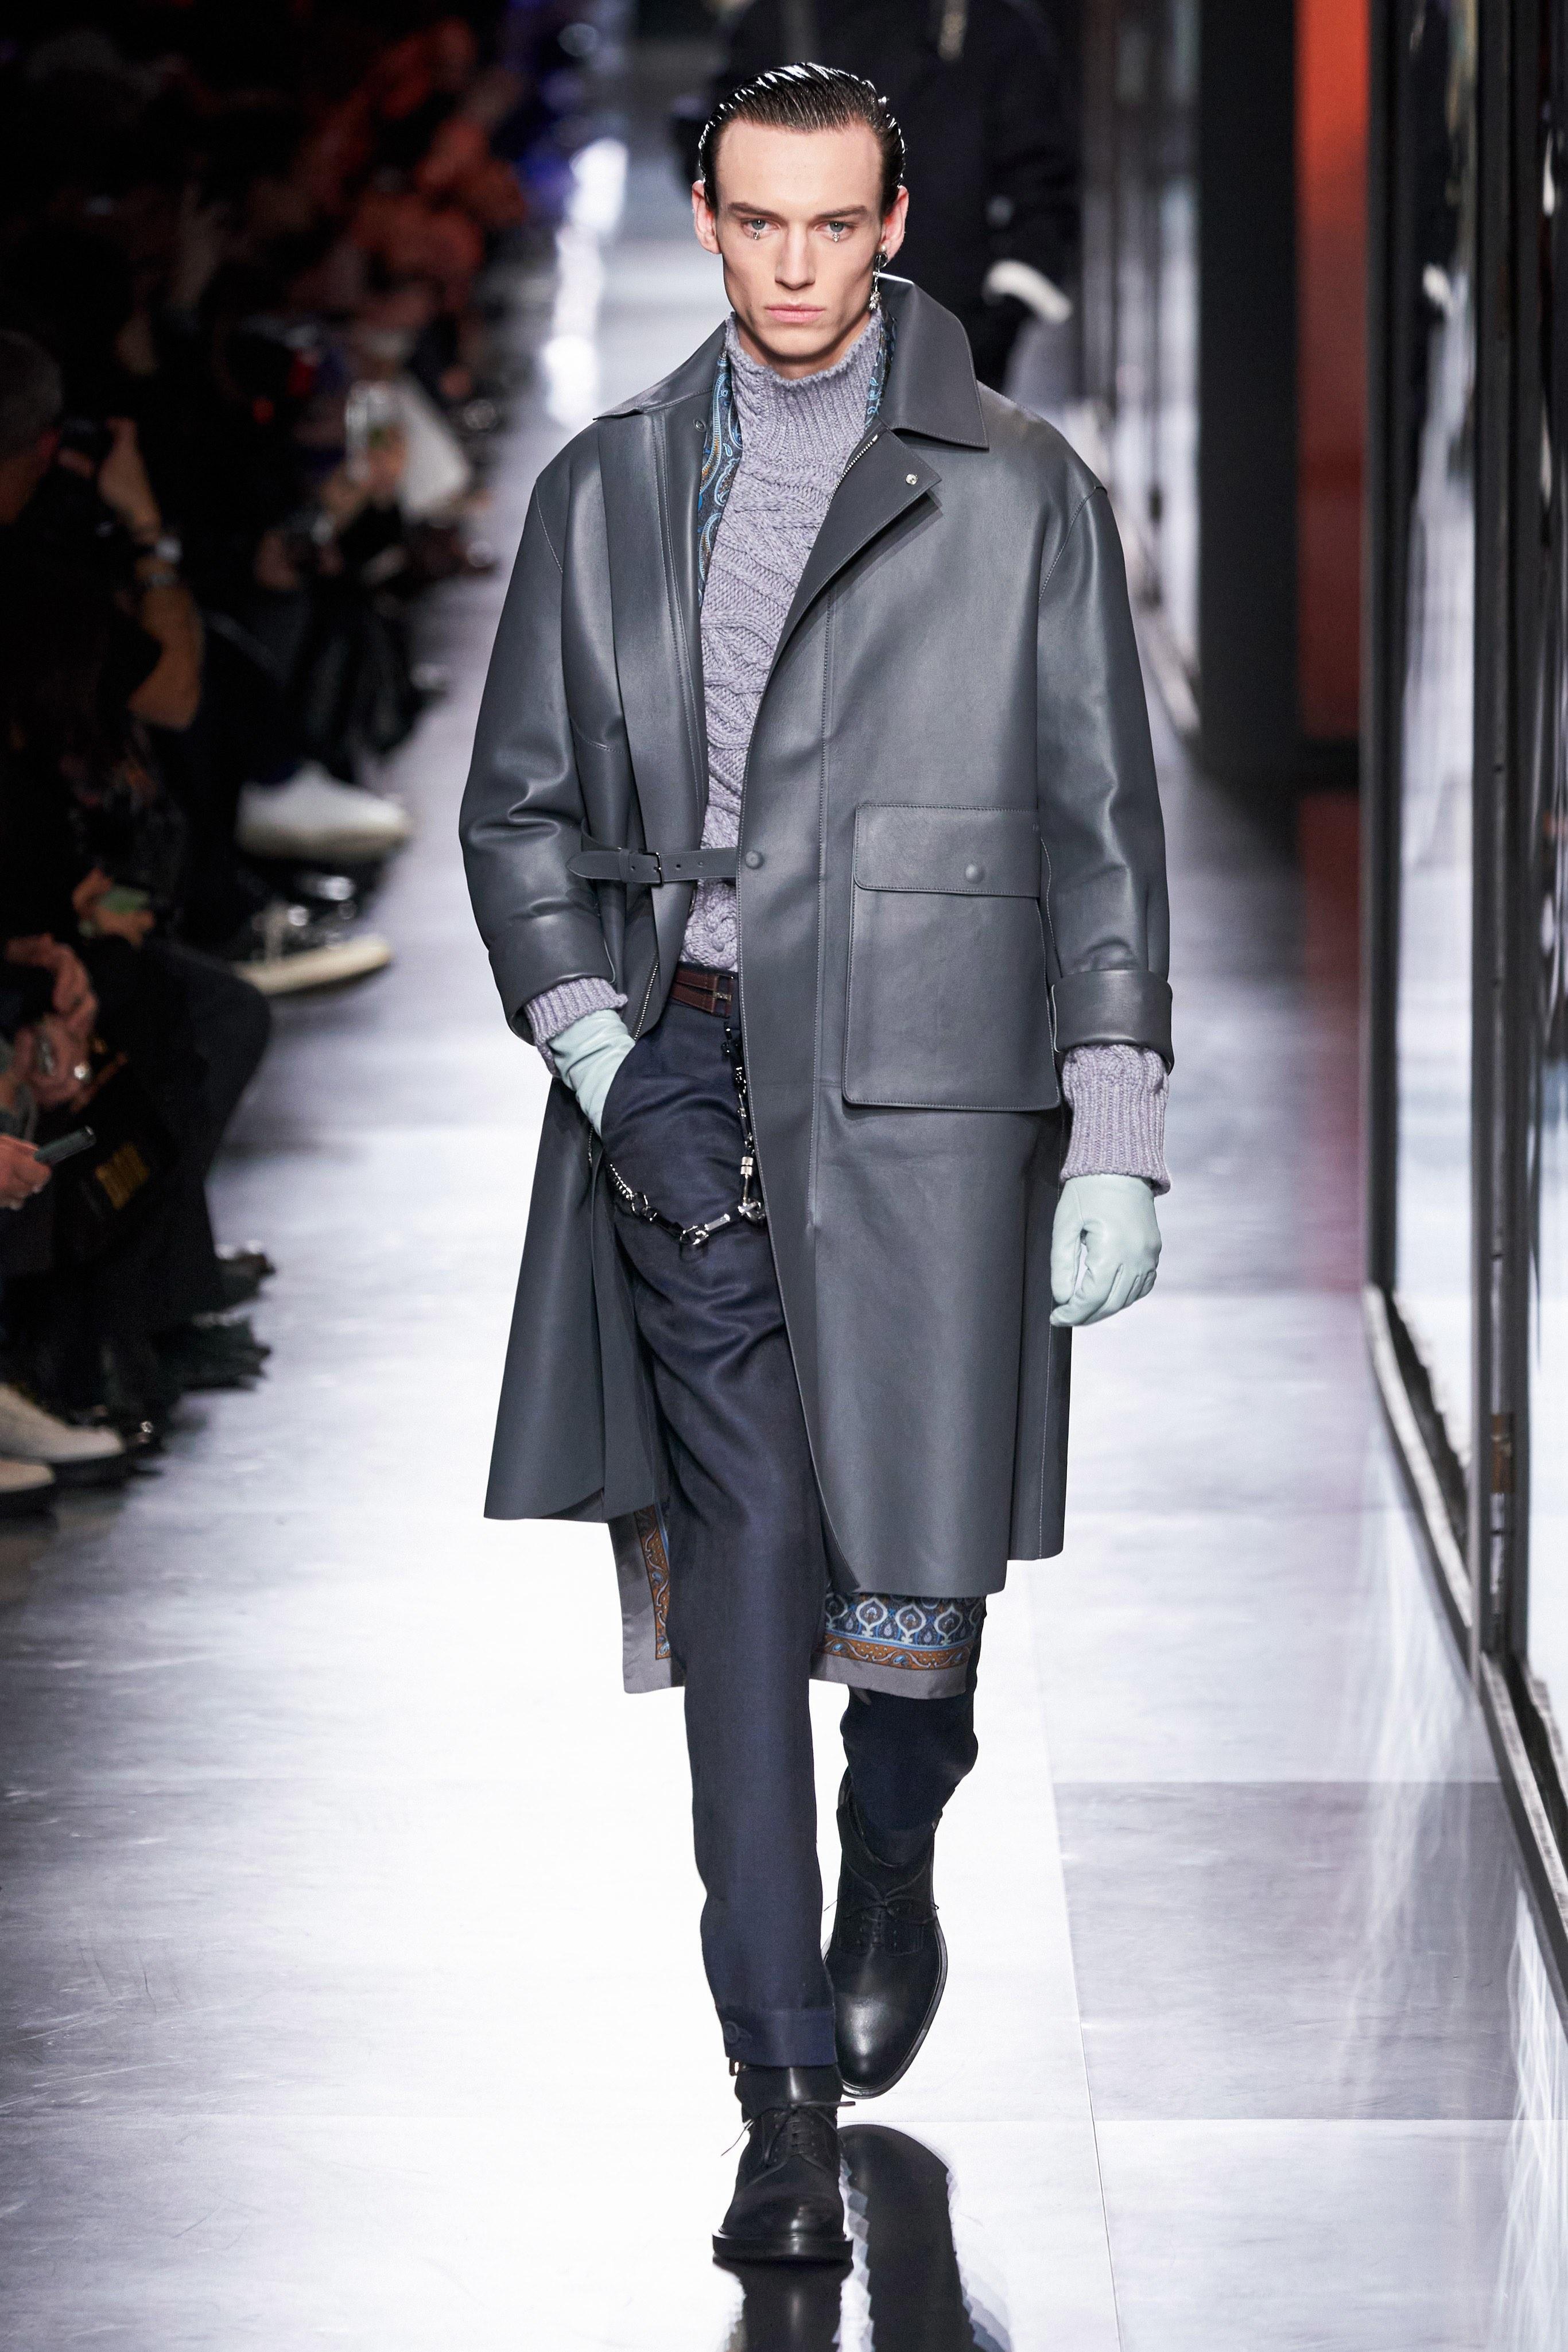 Áo khoác hoa, găng tay dài - Dior nâng thời trang nam lên tầm cao mới Ảnh 23